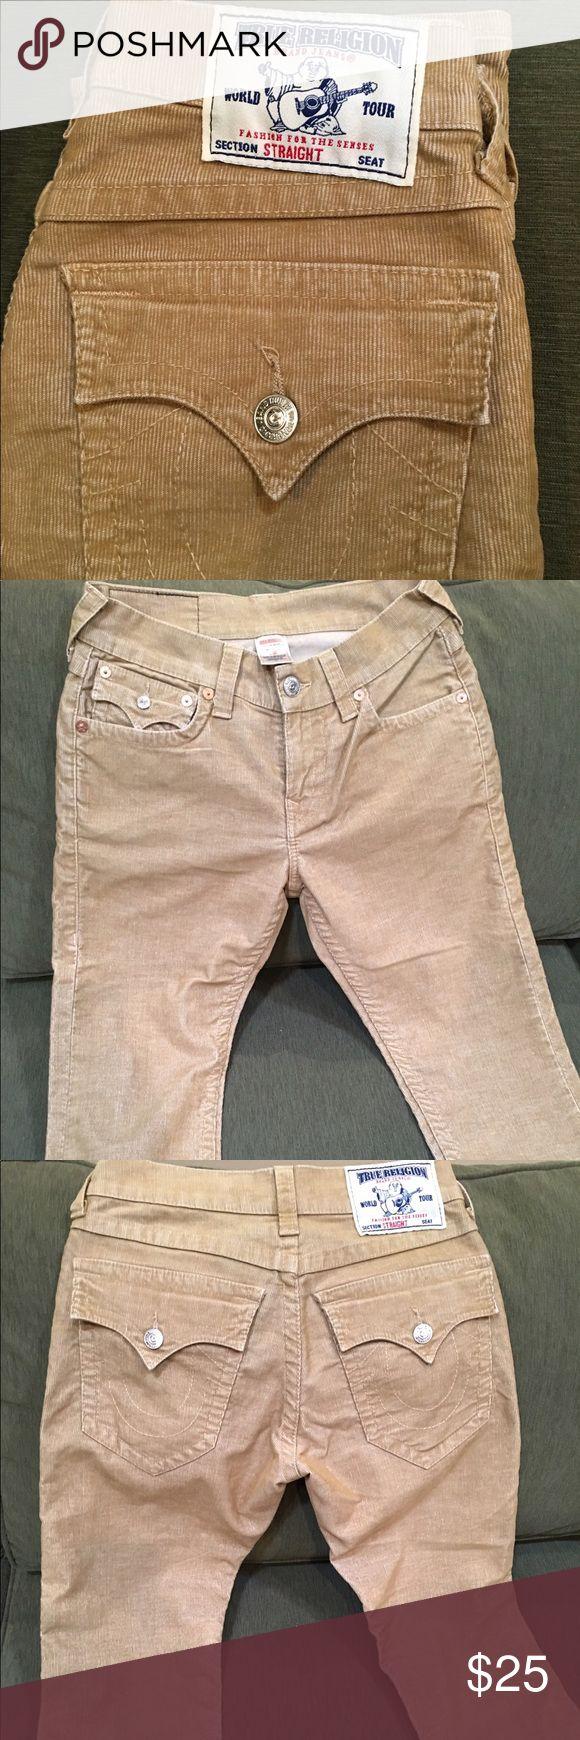 True Religion Corduroy Pants (Men's) Excellent condition. Men's corduroy True Religion waist 30 length 30. True Religion Pants Corduroy